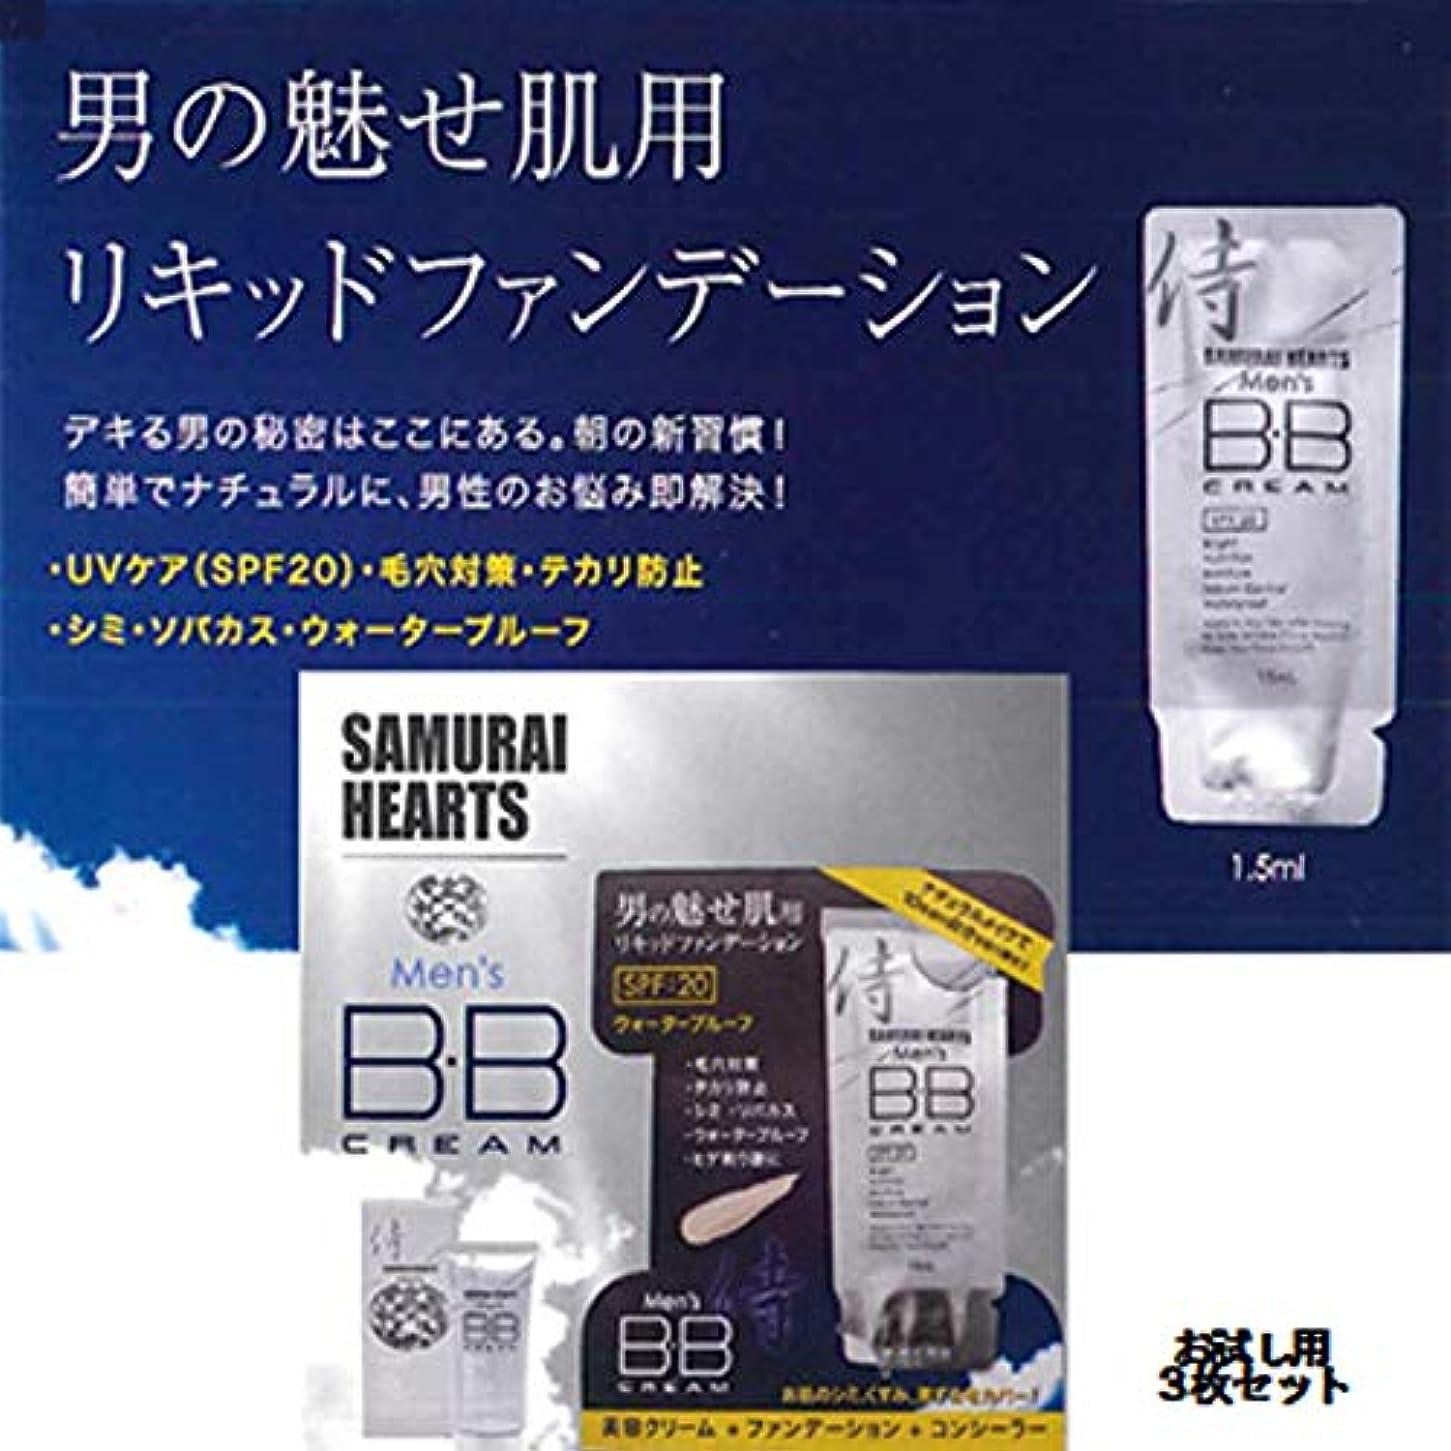 非武装化まぶしさ利点サムライハーツ BBクリーム SPF20 パウチ1.5ml 3枚入 お試し用